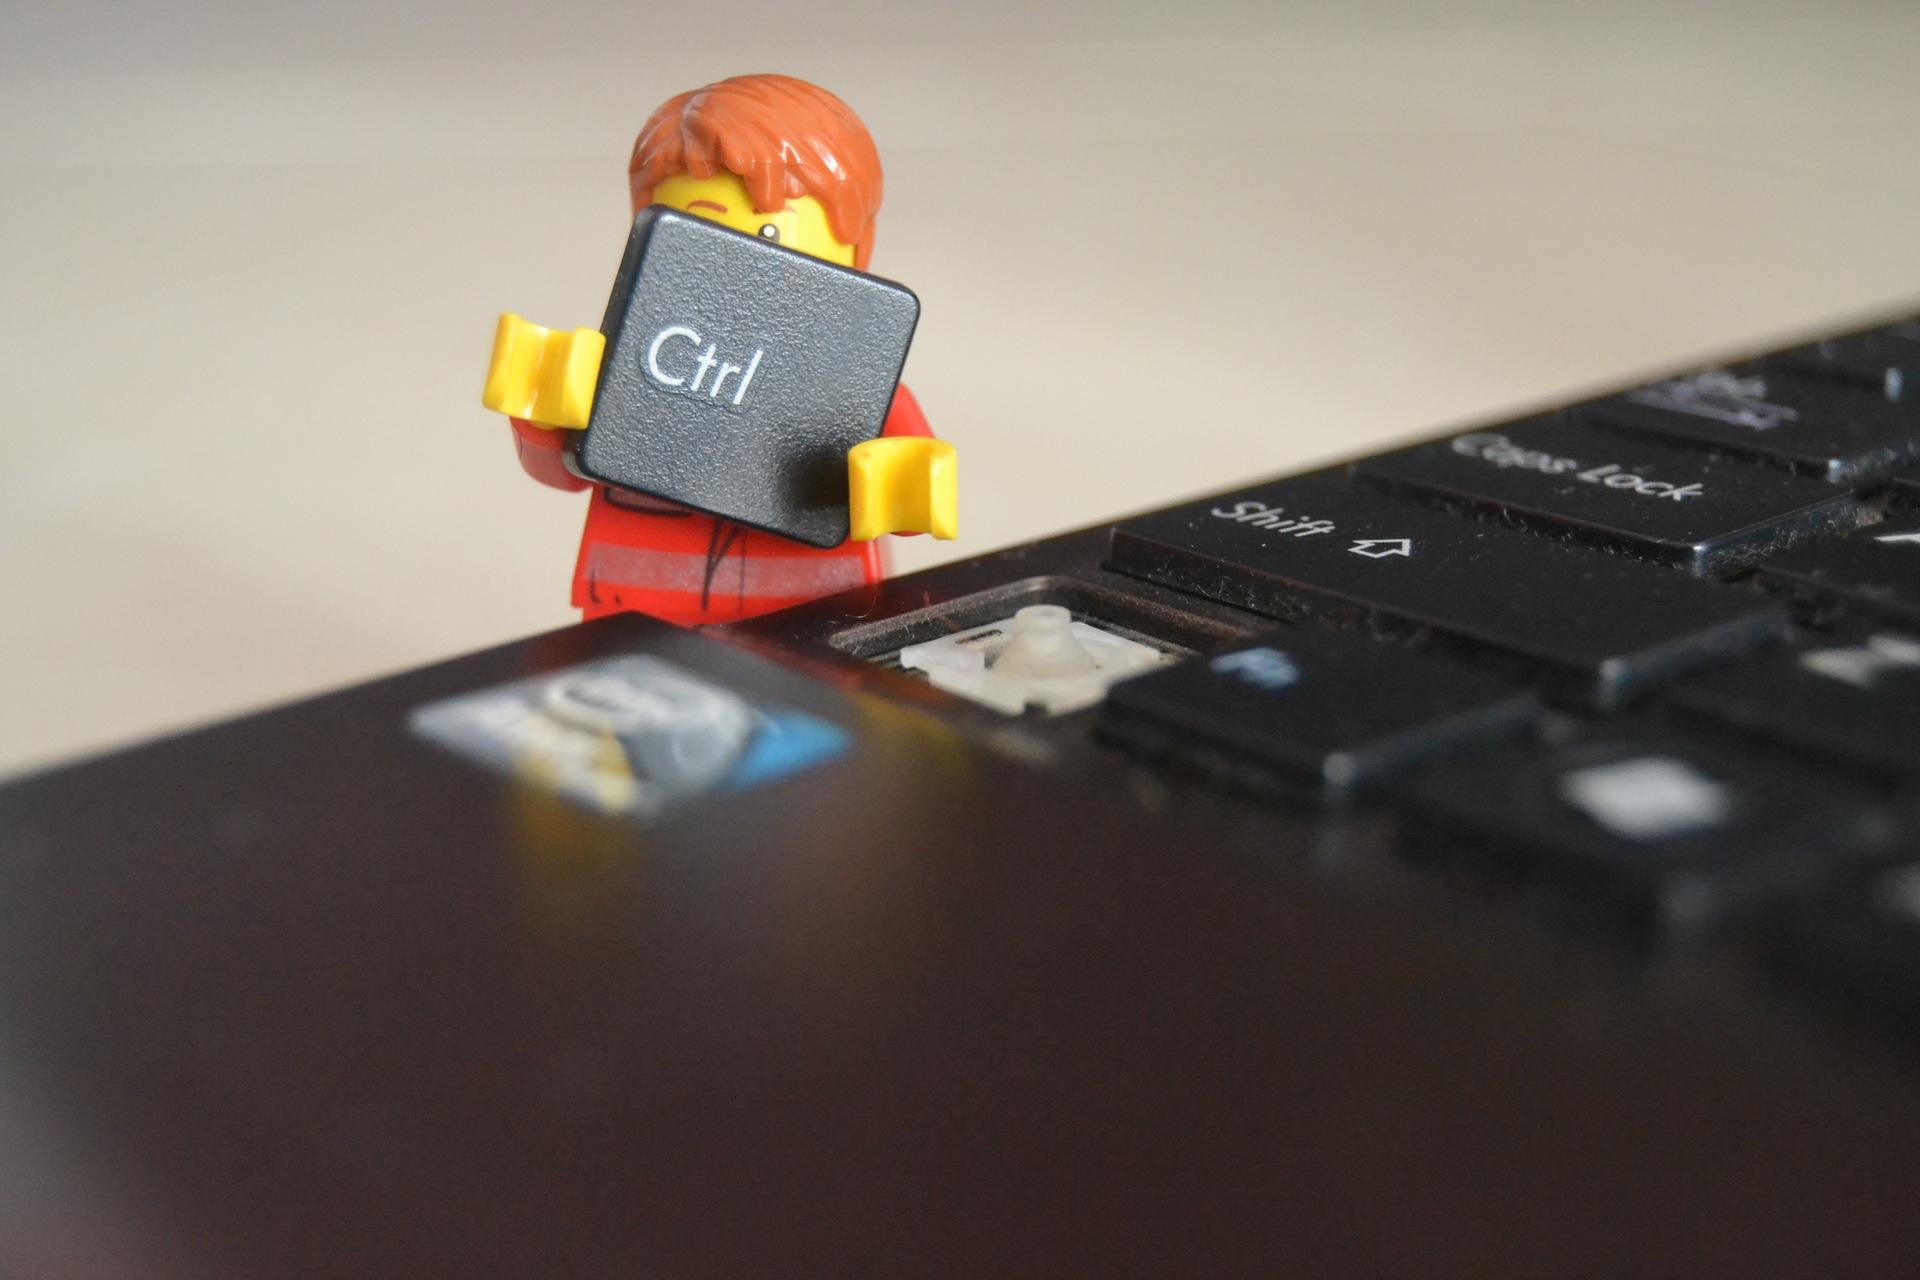 Portable, Brinquedo, teclado, reparação, miniatura, lego - Papéis de parede HD - Professor-falken.com